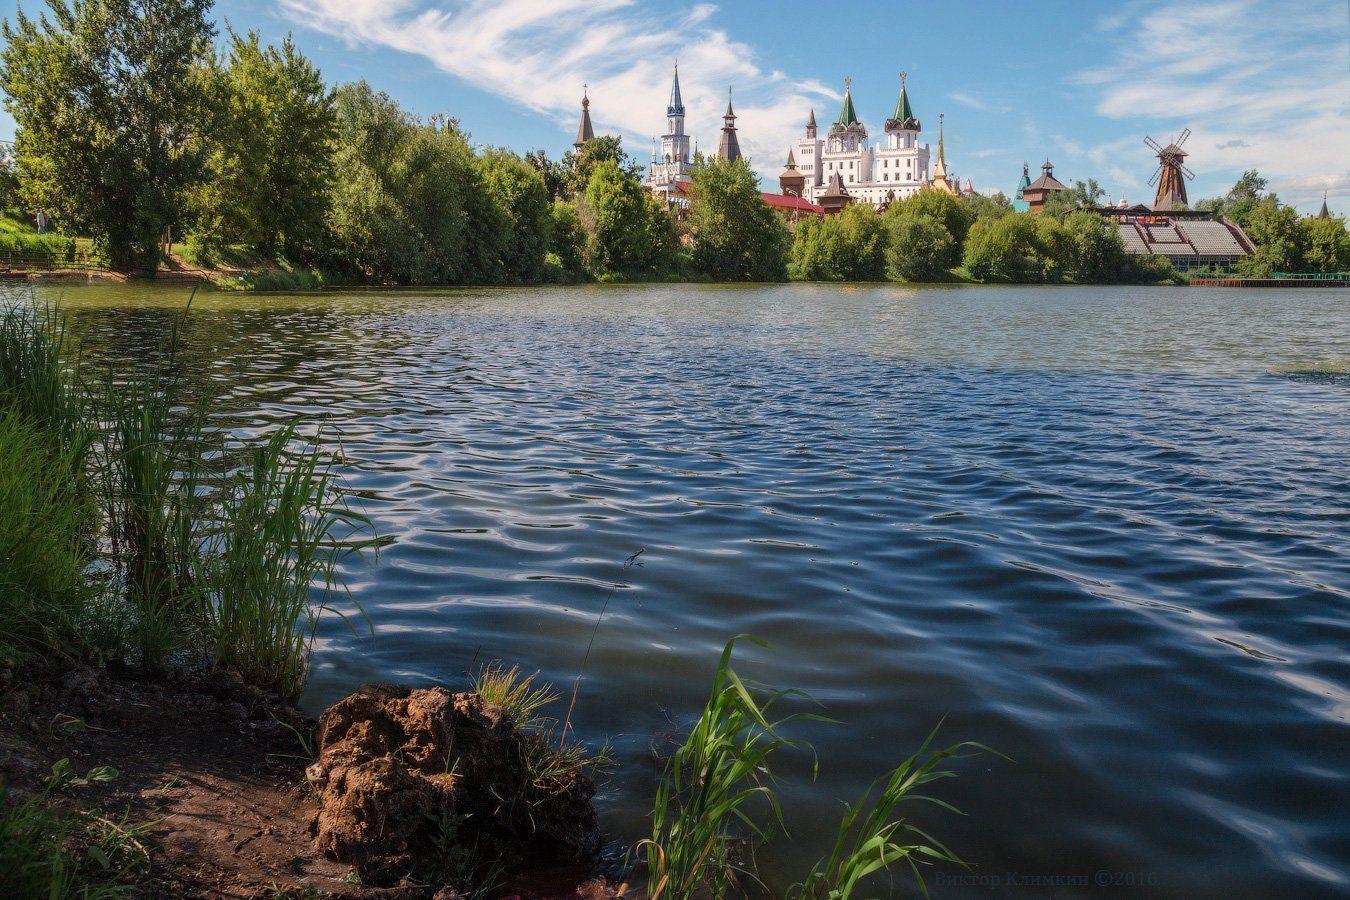 москва, россия, кремль, измайлово, пруд, Виктор Климкин